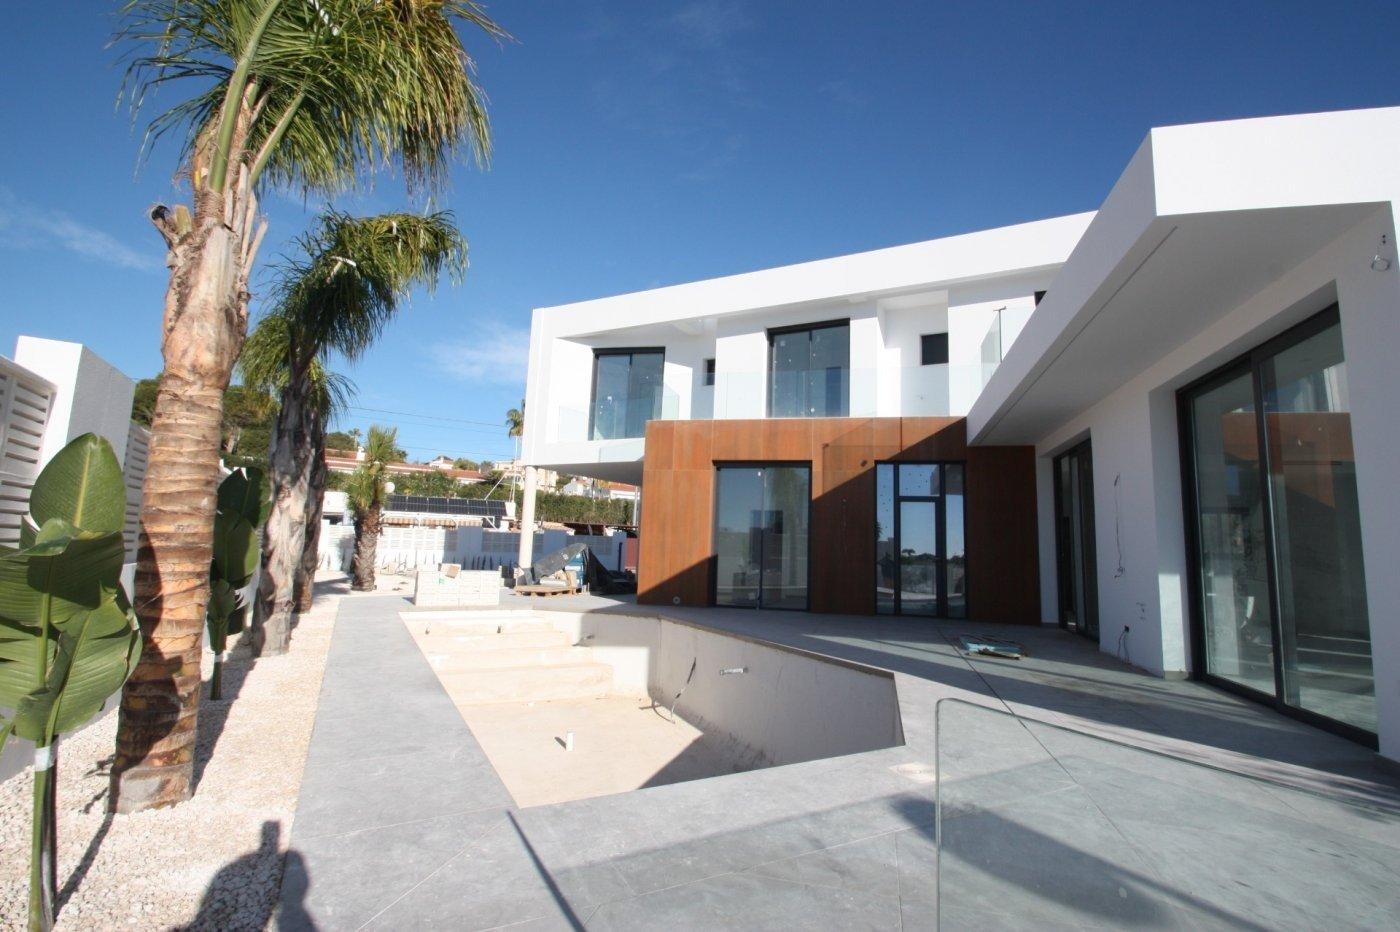 Villa de obra nueva de estilo moderno en venta en calpe a 600 m de la playa - imagenInmueble0